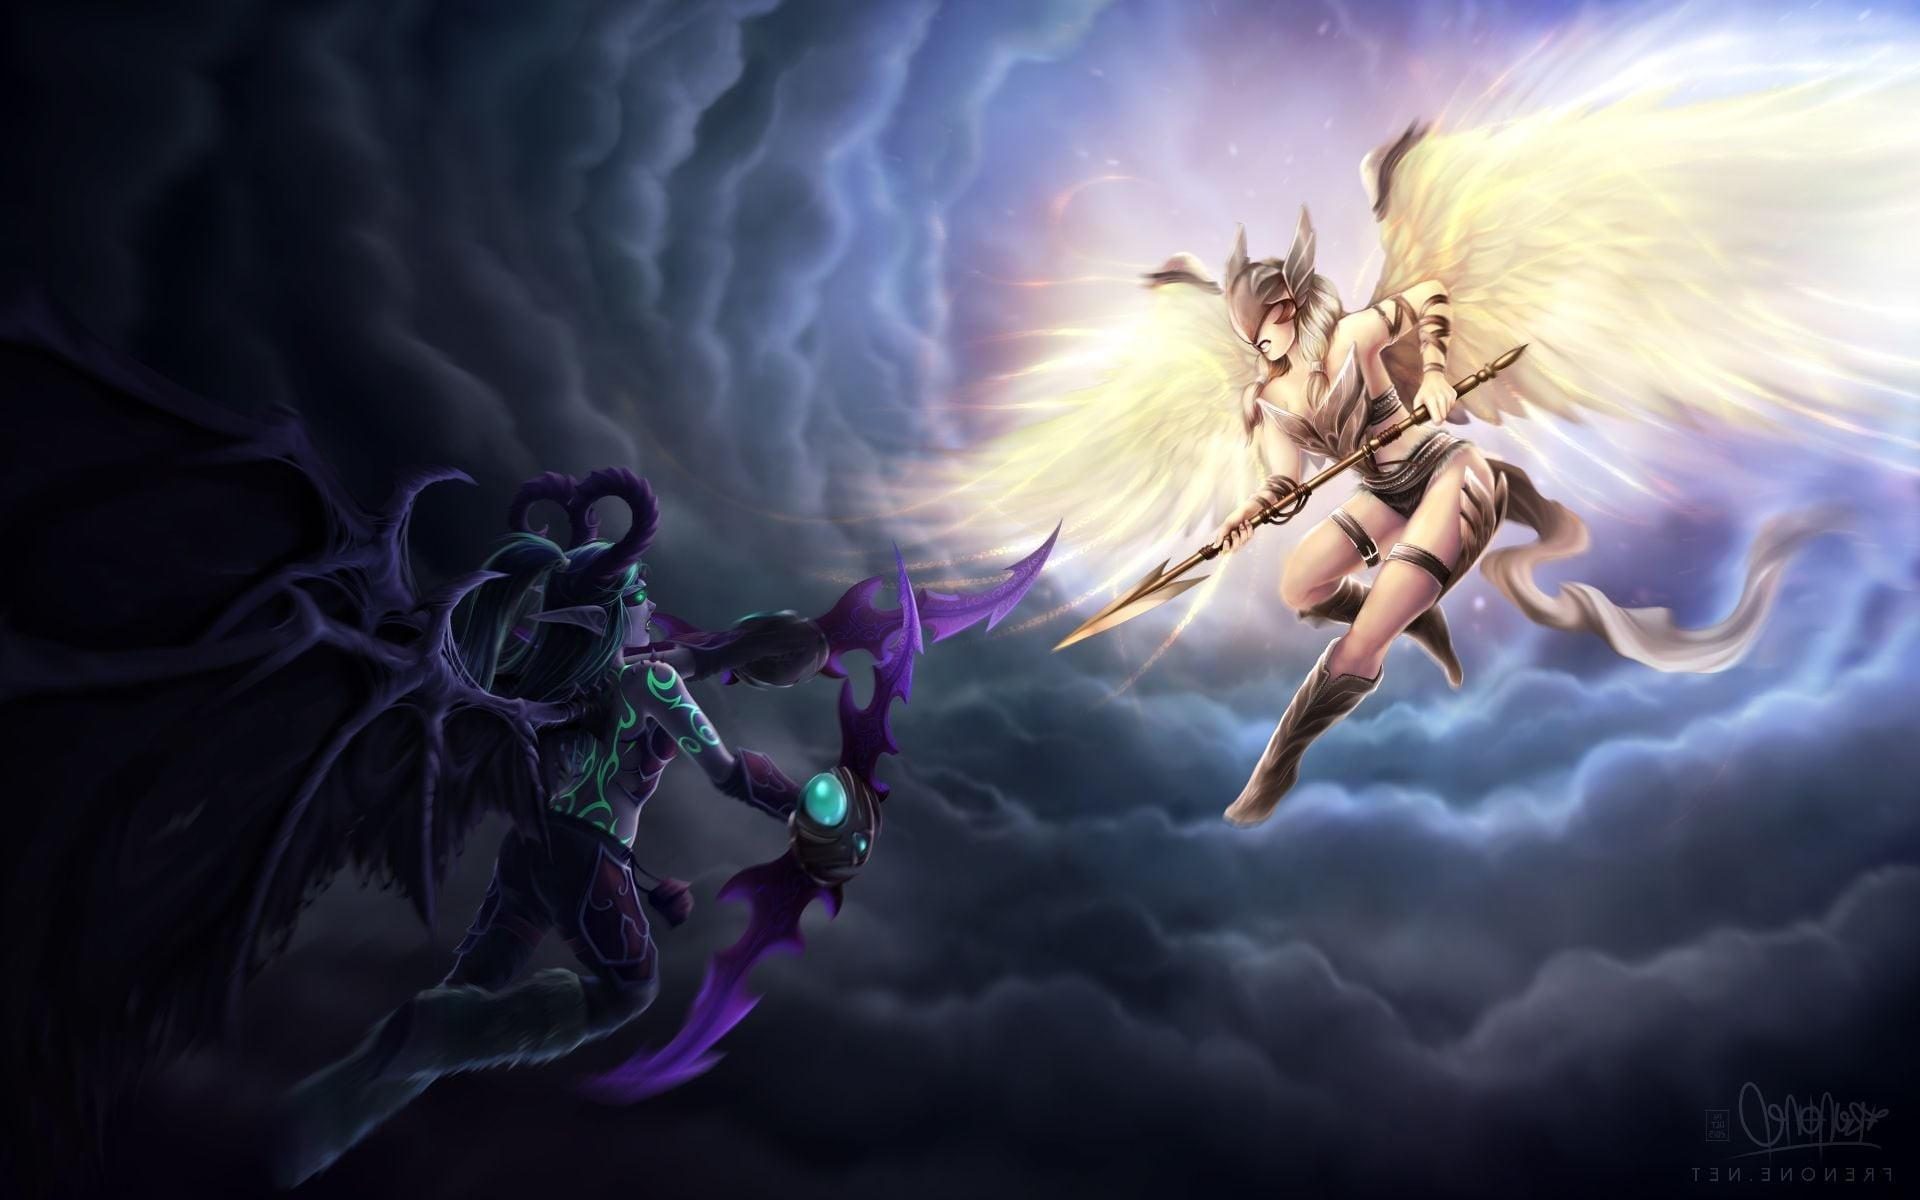 Wallpaper of Demon Hunter World of Warcraft Legion